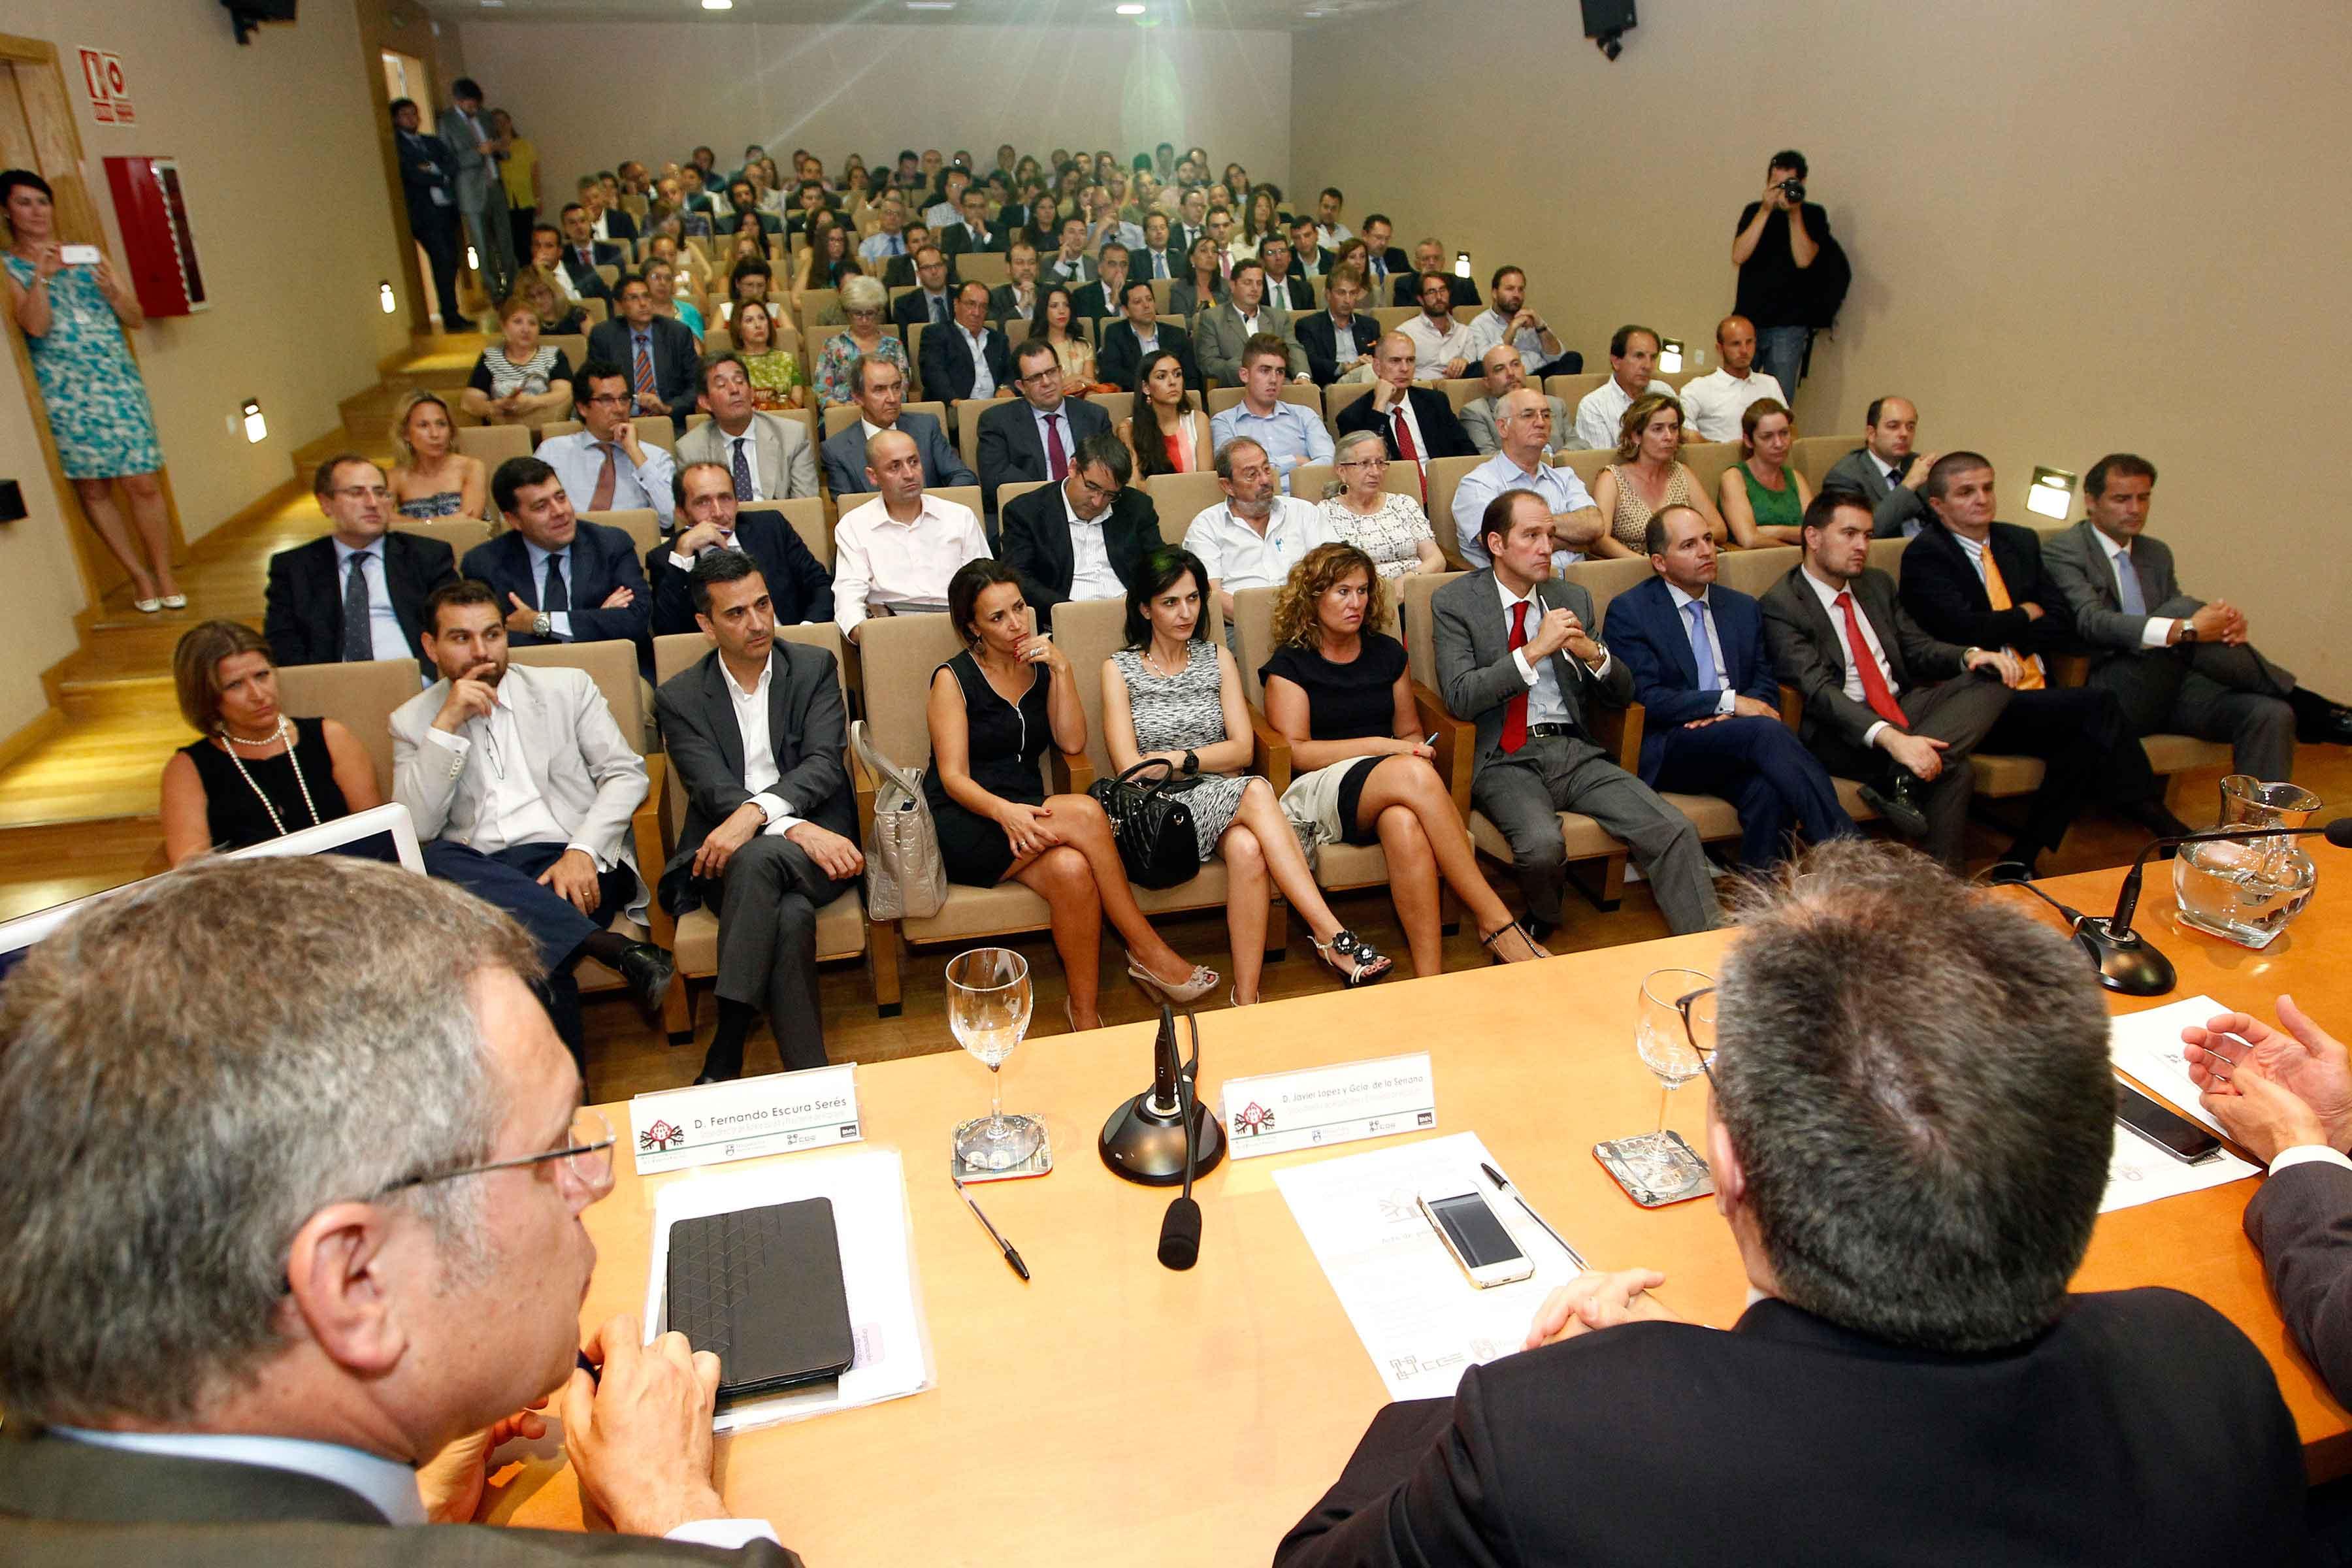 Mas-de-un-centenar-de-empresarios-en-la-presentacion-de-la-Asociacion-Granadina-de-la-Empresa-Familiar